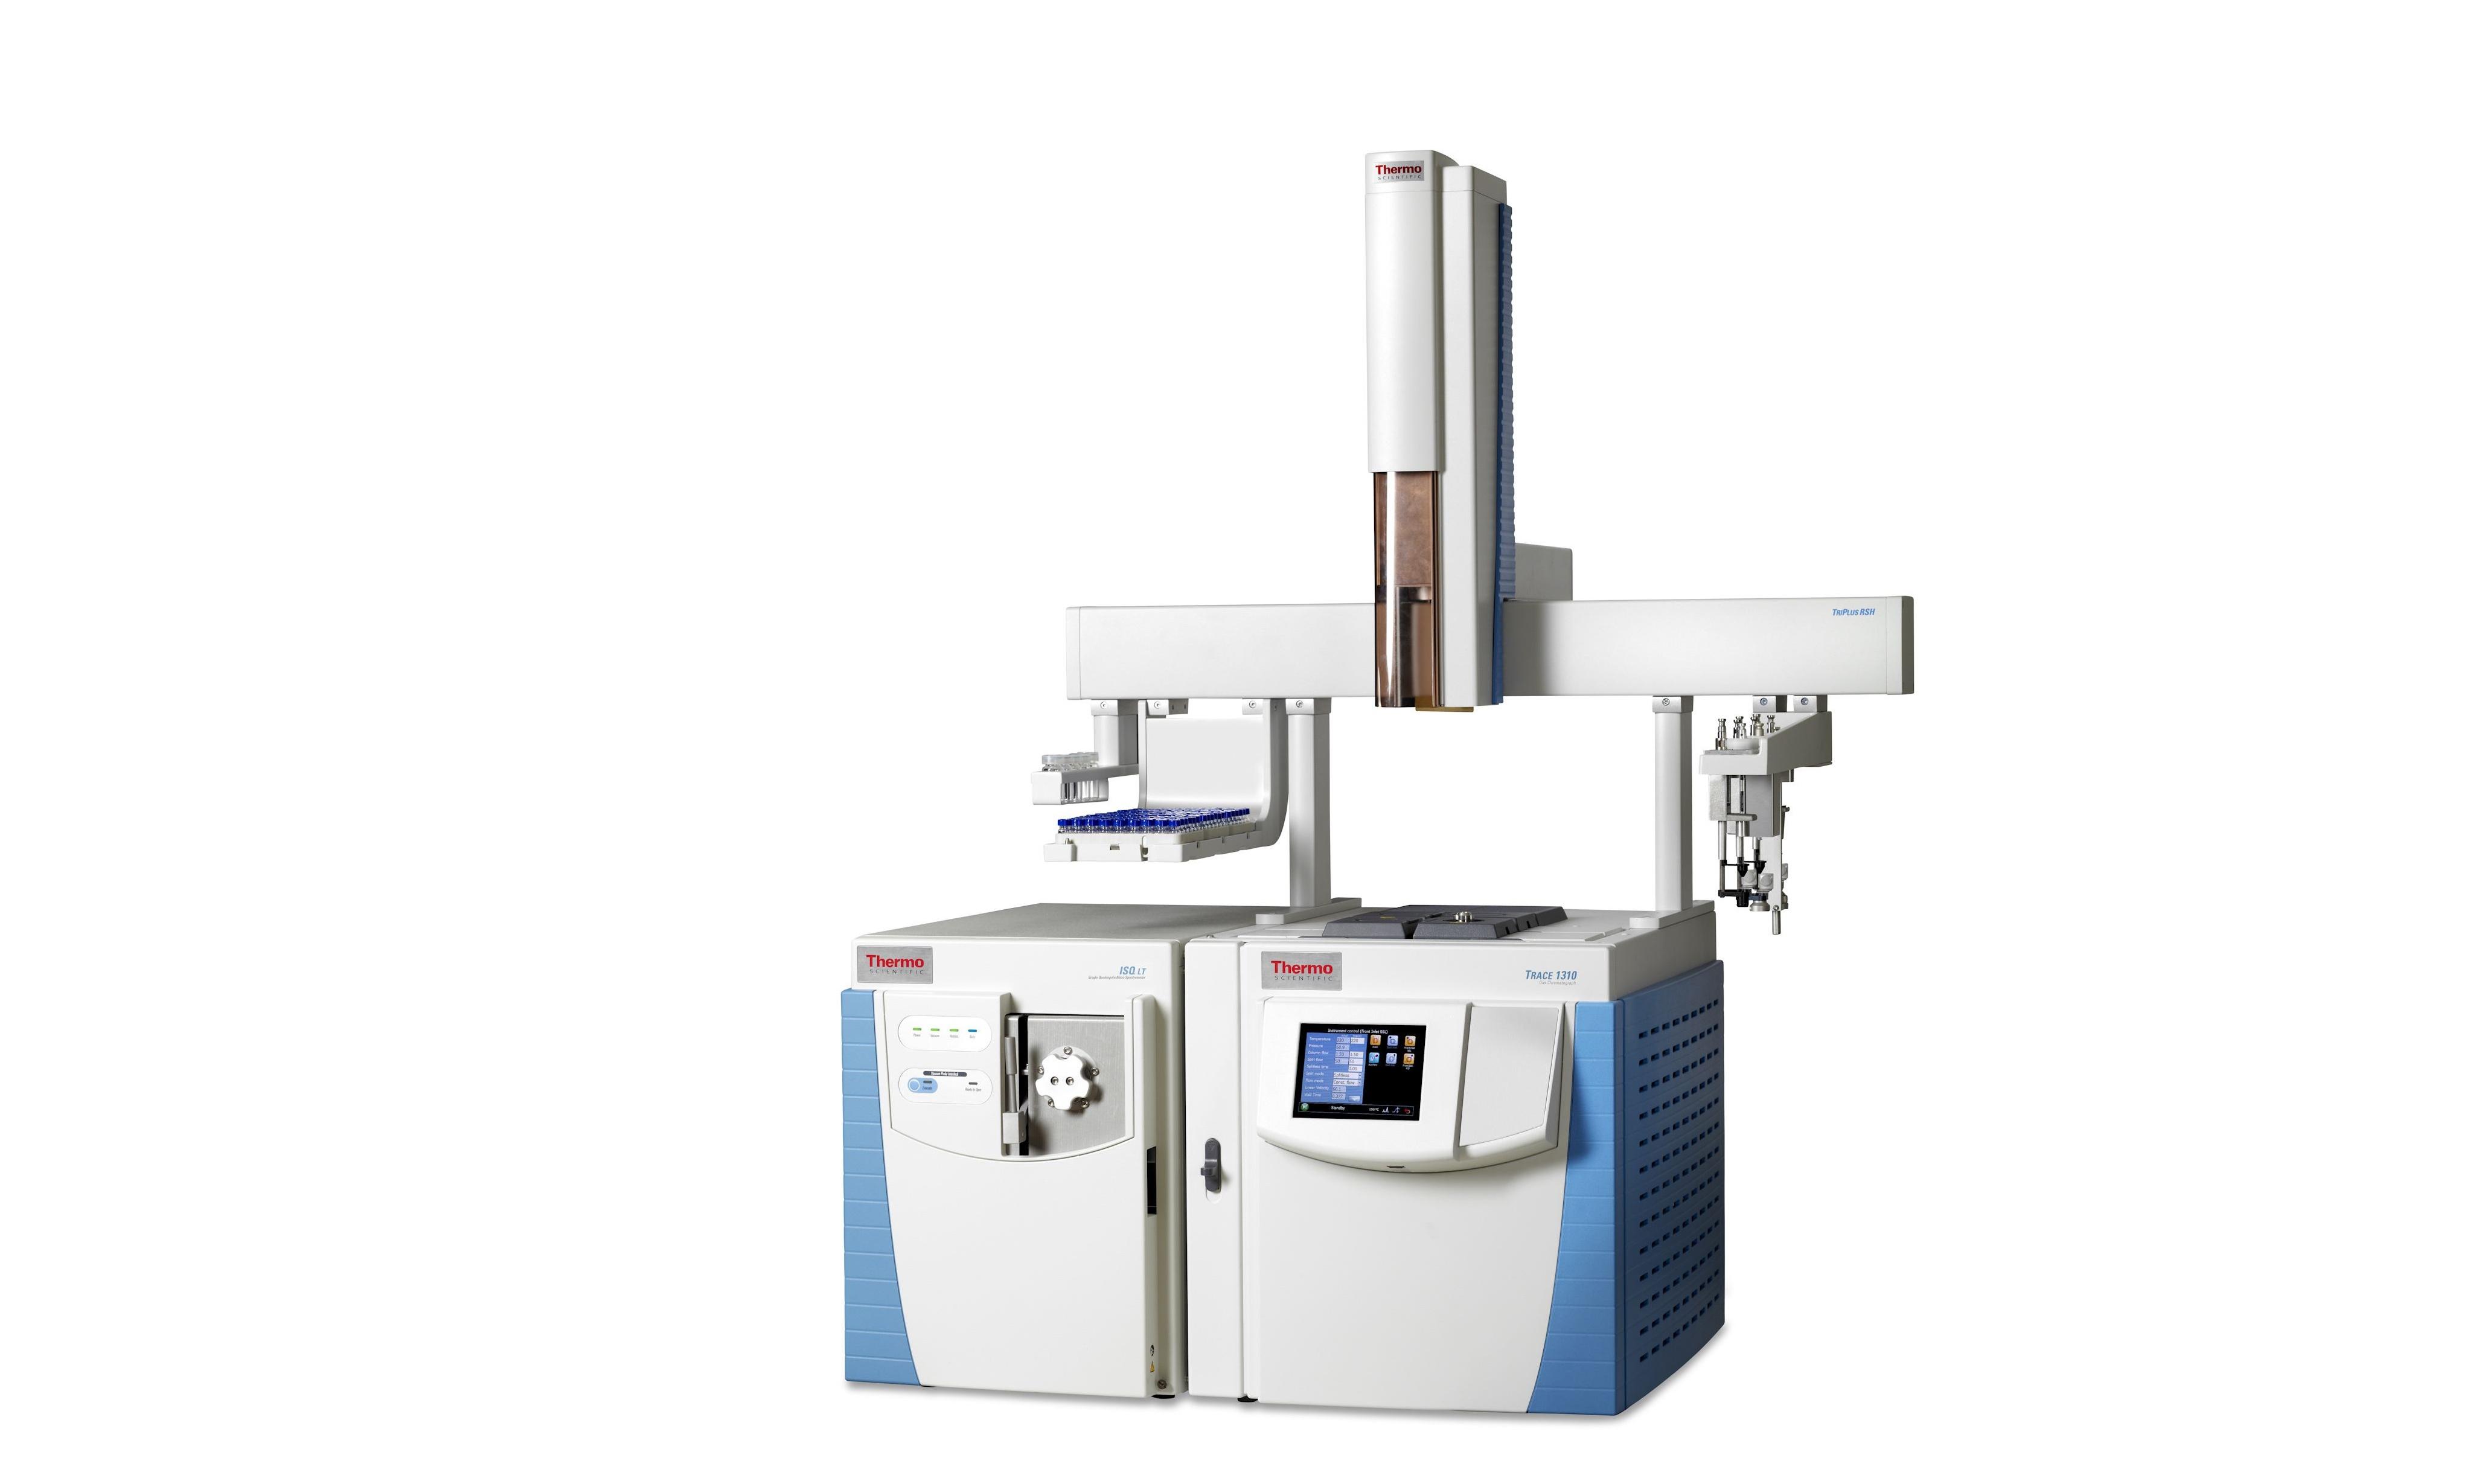 海南大学气相色谱三重四级杆质谱仪等仪器设备采购项目招标